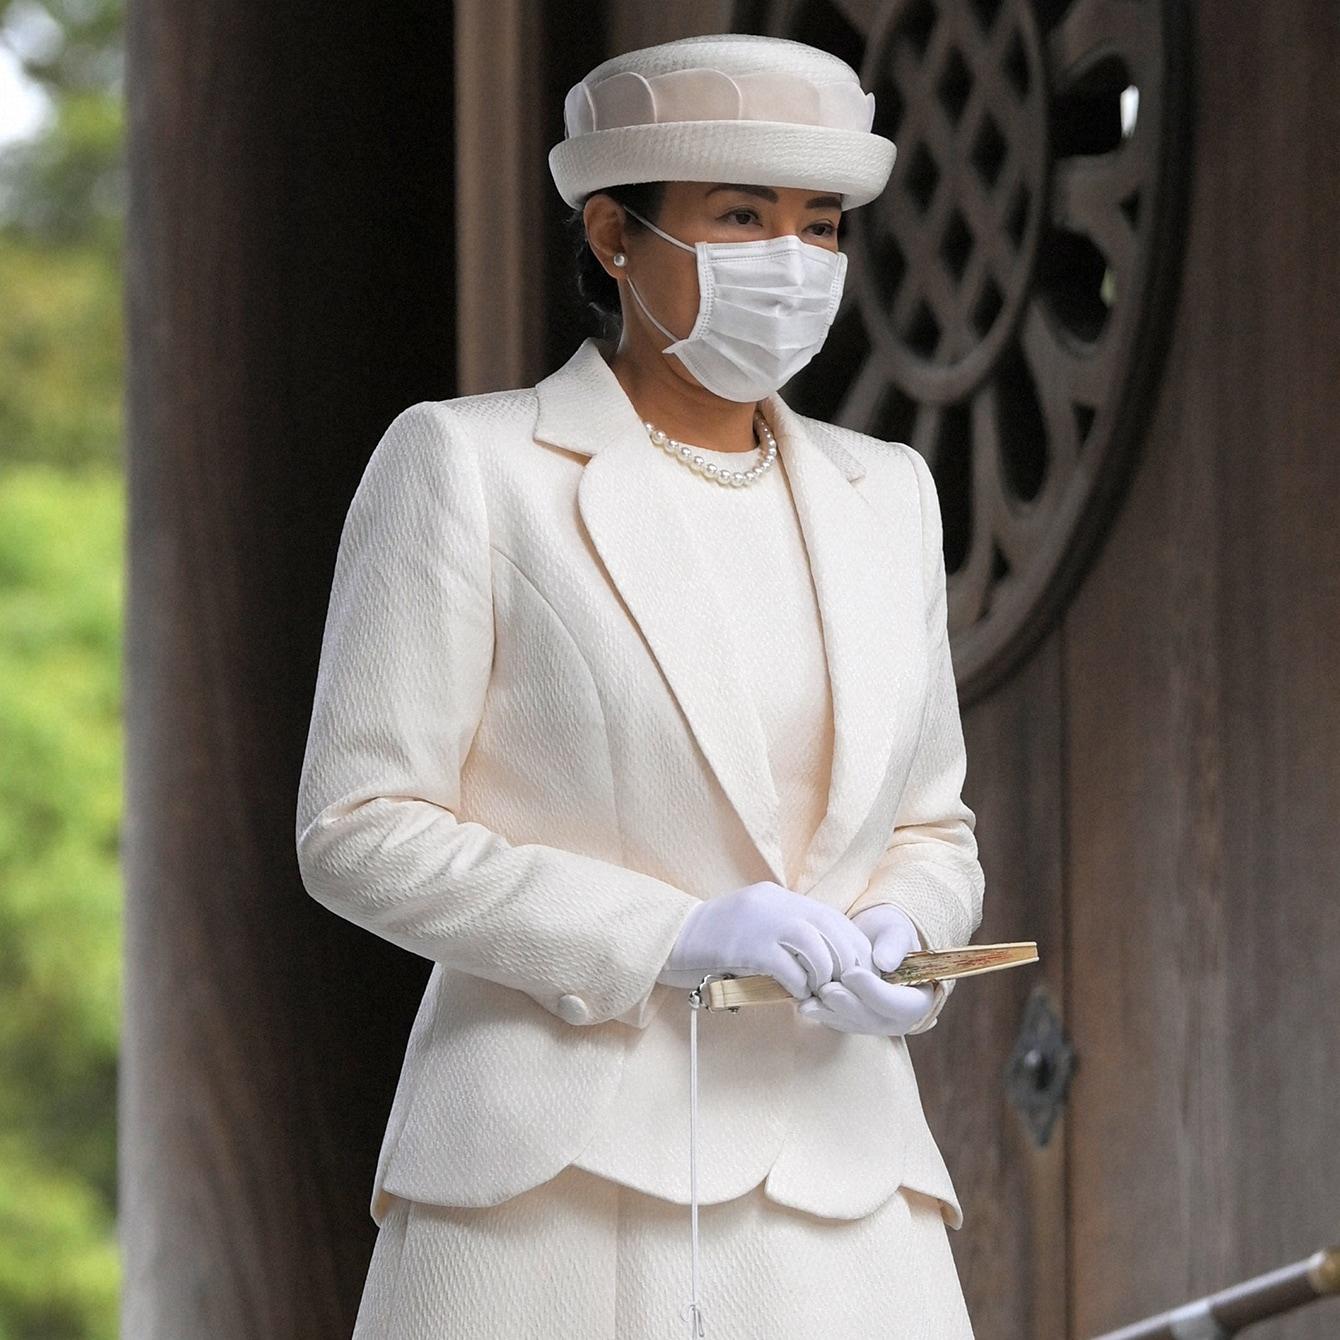 神聖なオフホワイトのロングドレスで皇后としての品格を